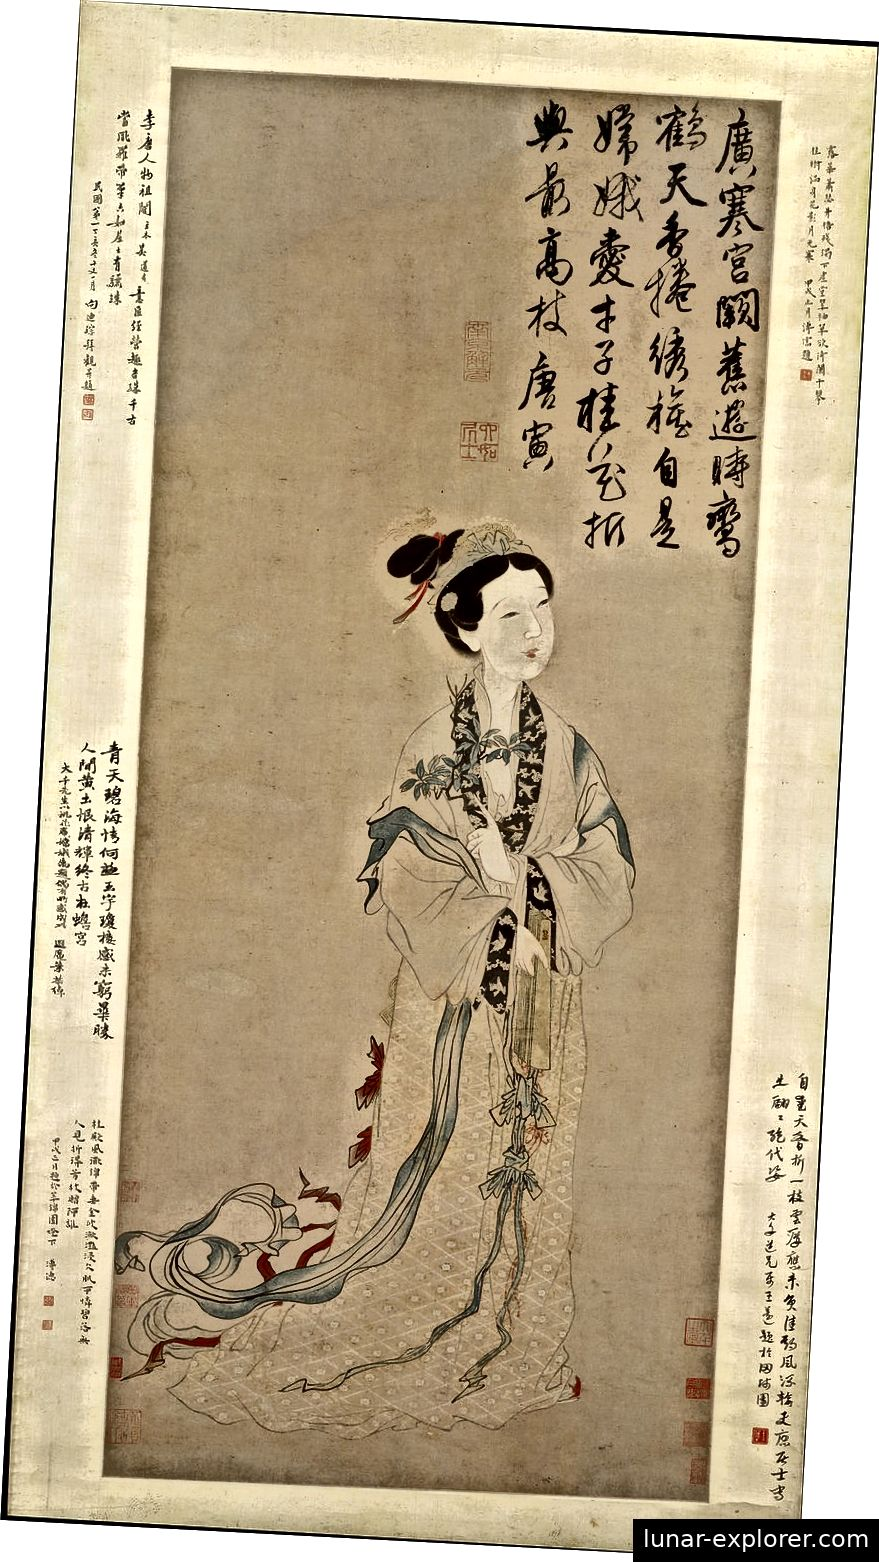 Chang-e, die chinesische Mondgöttin, erreichte im 21. Jahrhundert ihr Zuhause (zumindest namentlich). Public Domain Bild